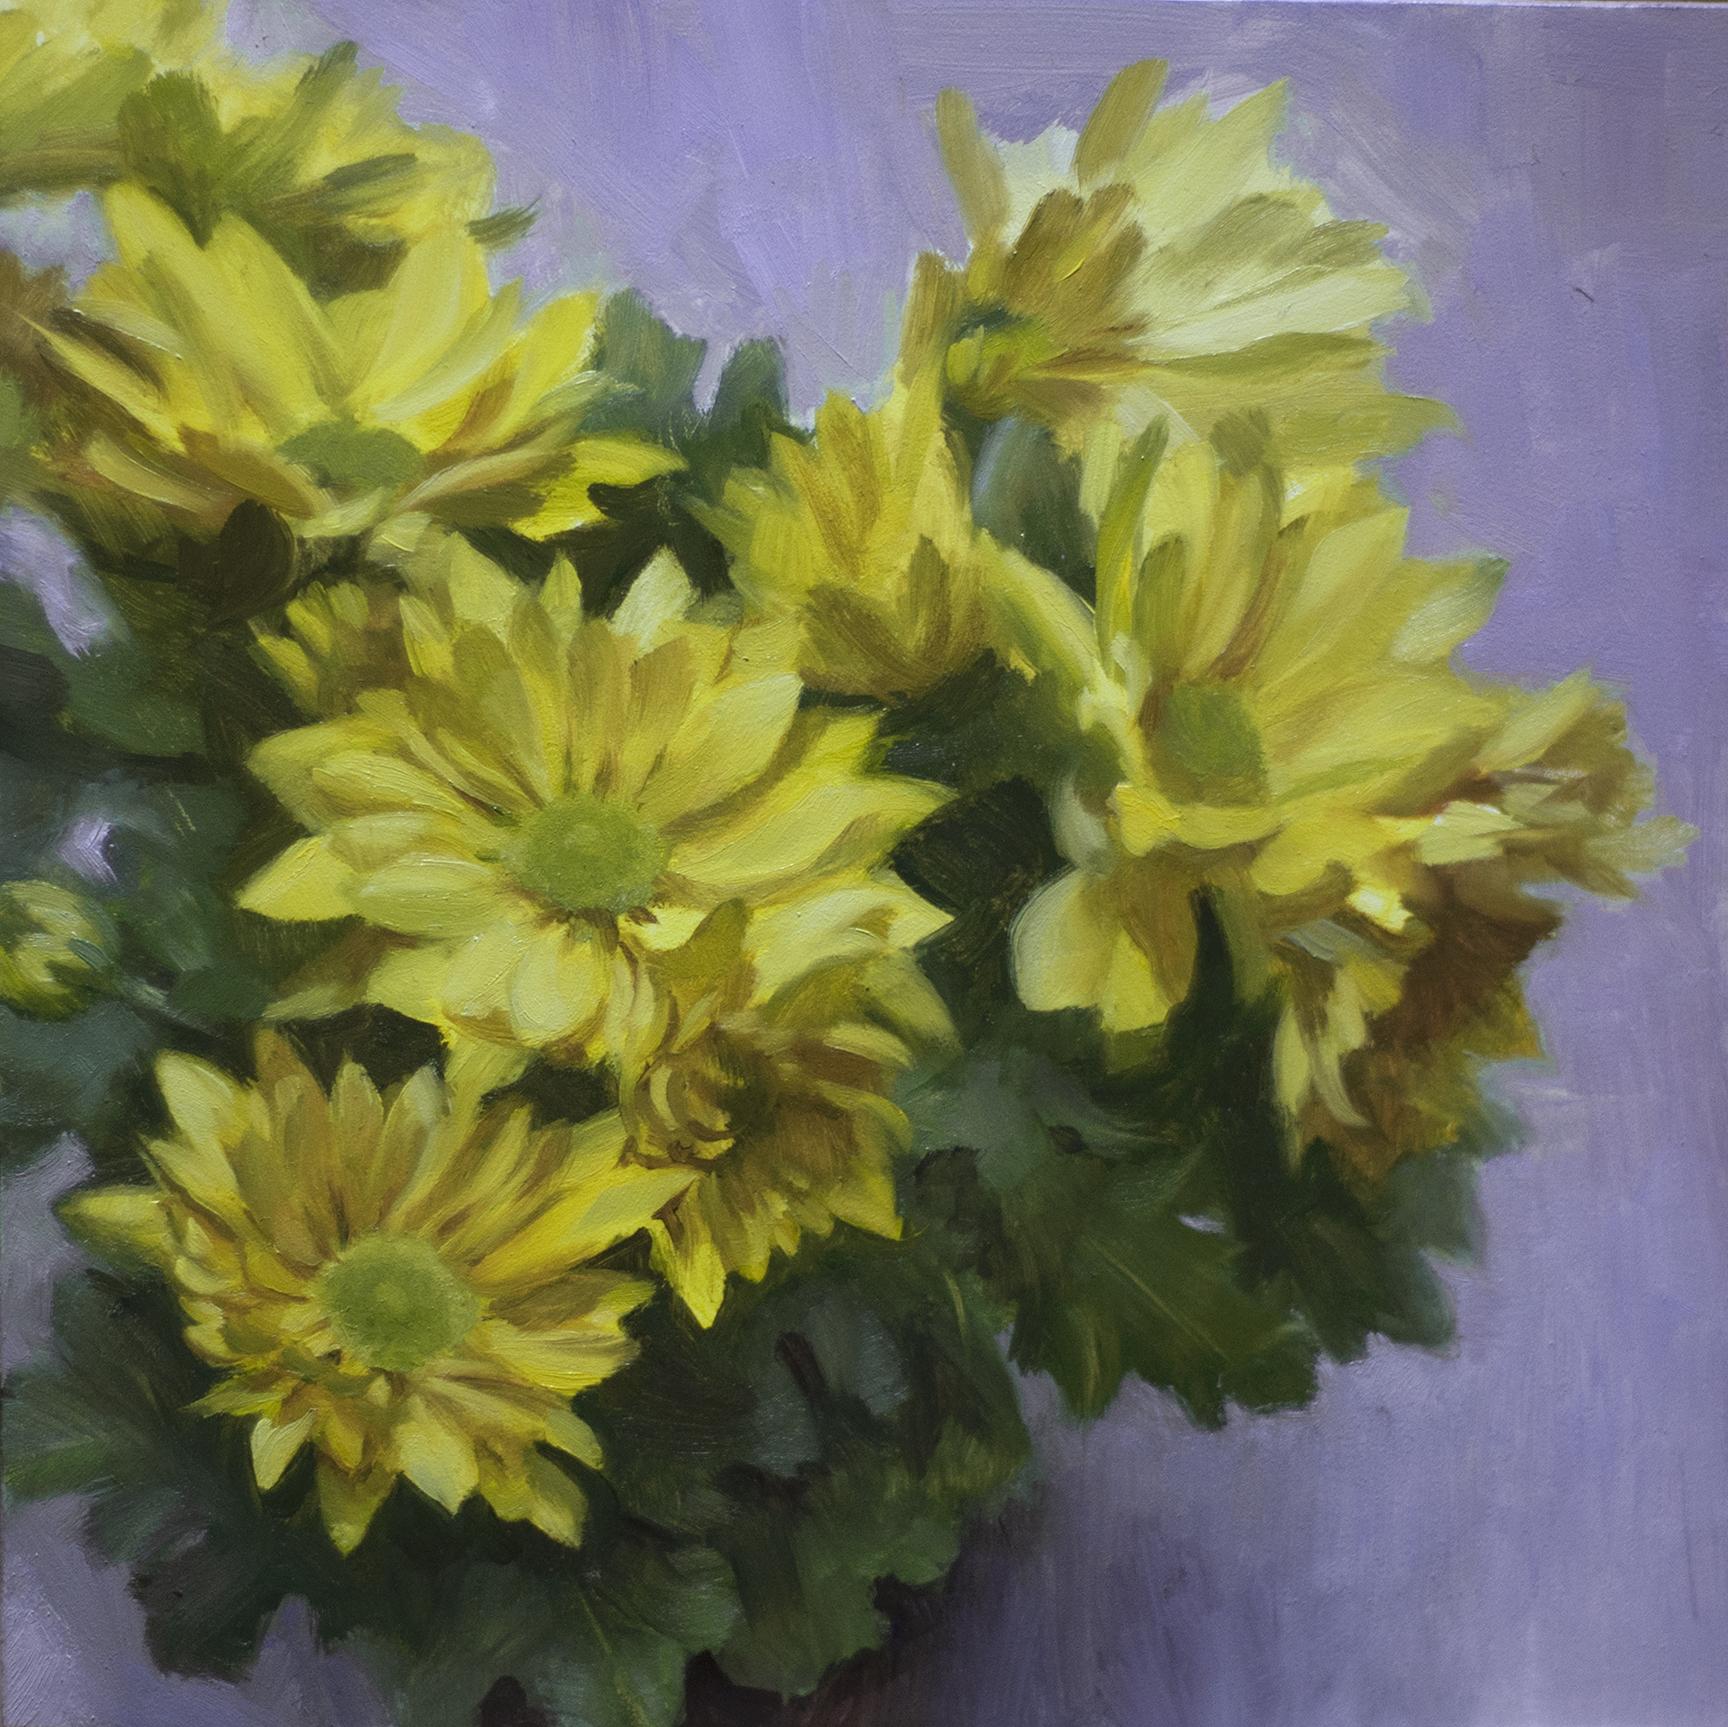 Zlat_flowers_150a.jpg